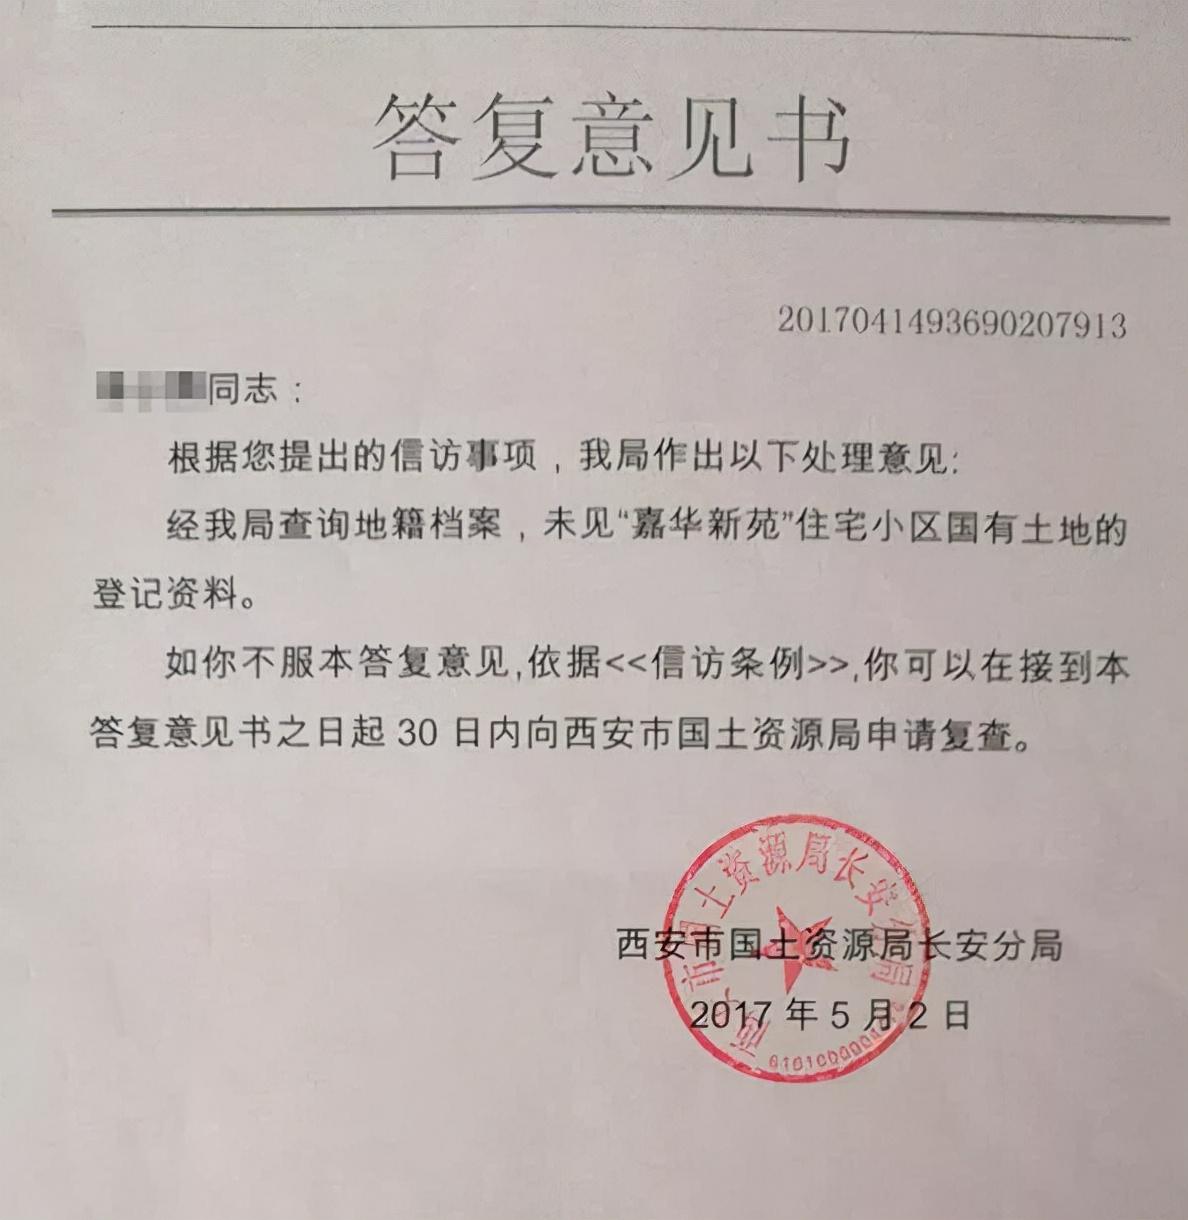 伪造国土证骗预售10余年难办产权,有官员被处理!西安加速处置不动产历史问题